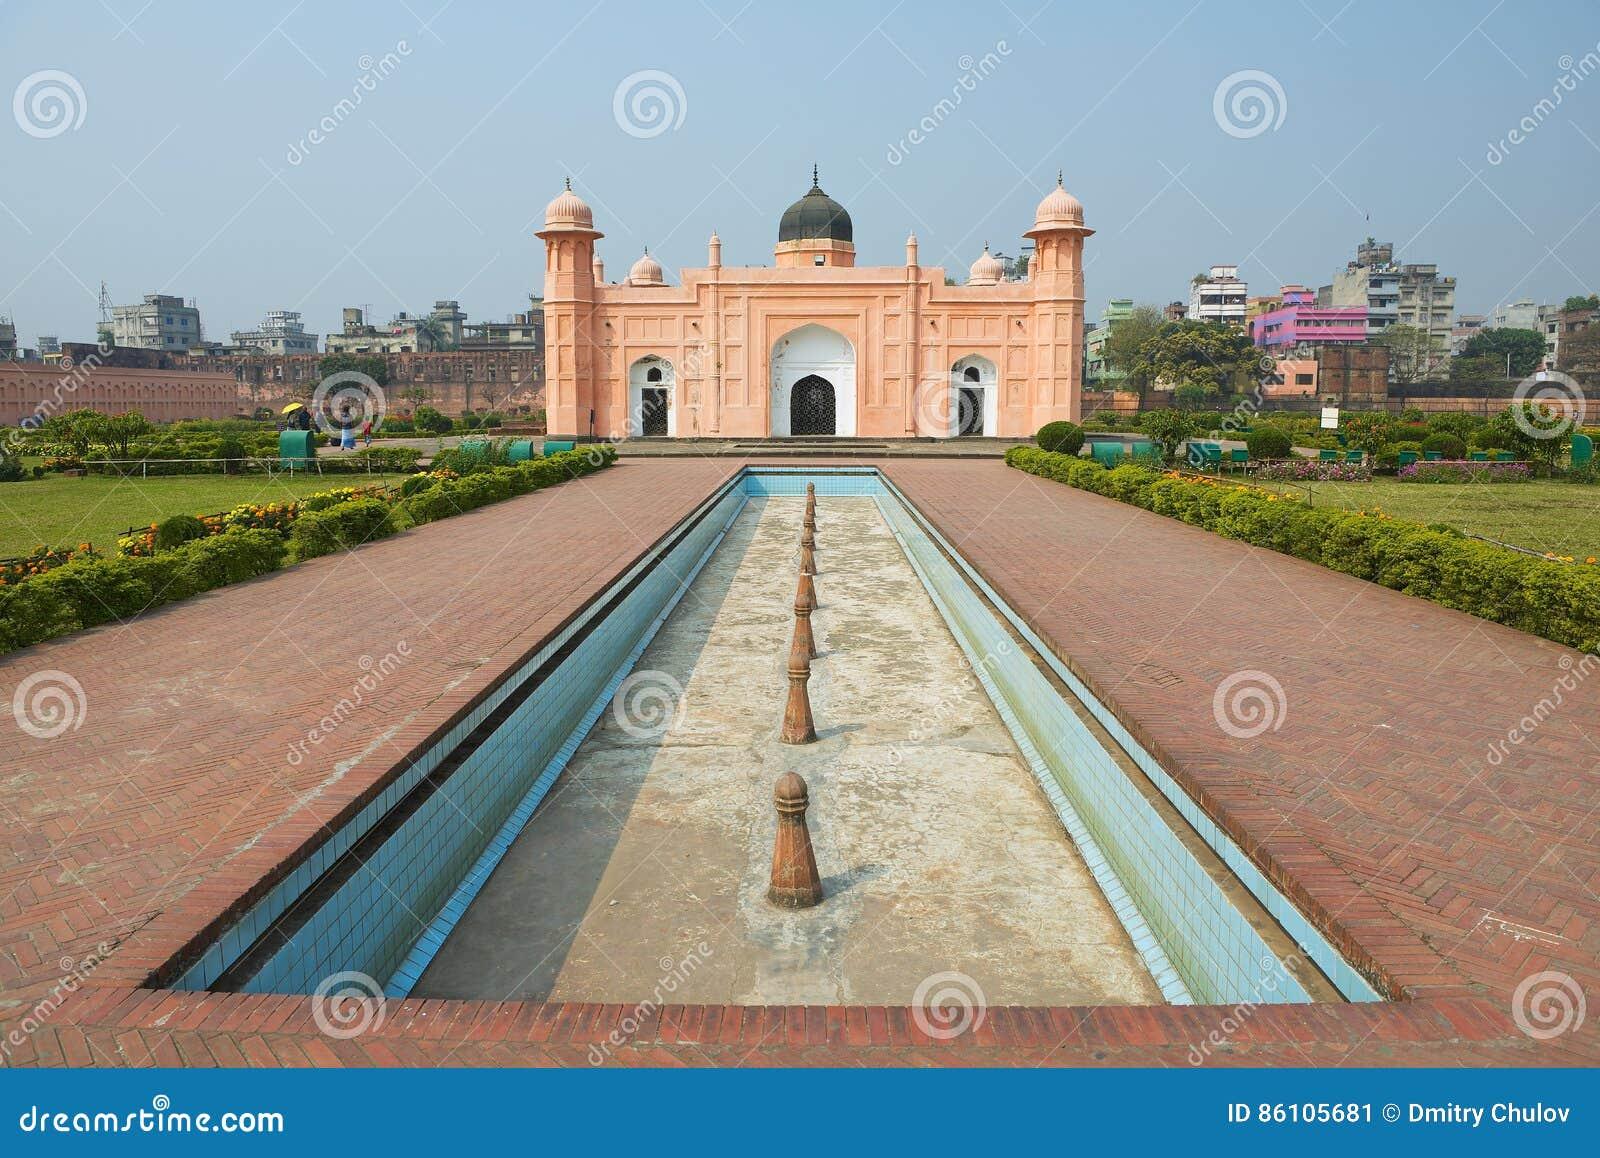 Buitenkant van het Mausoleum van Bibipari in Lalbagh-fort, Dhaka, Bangladesh